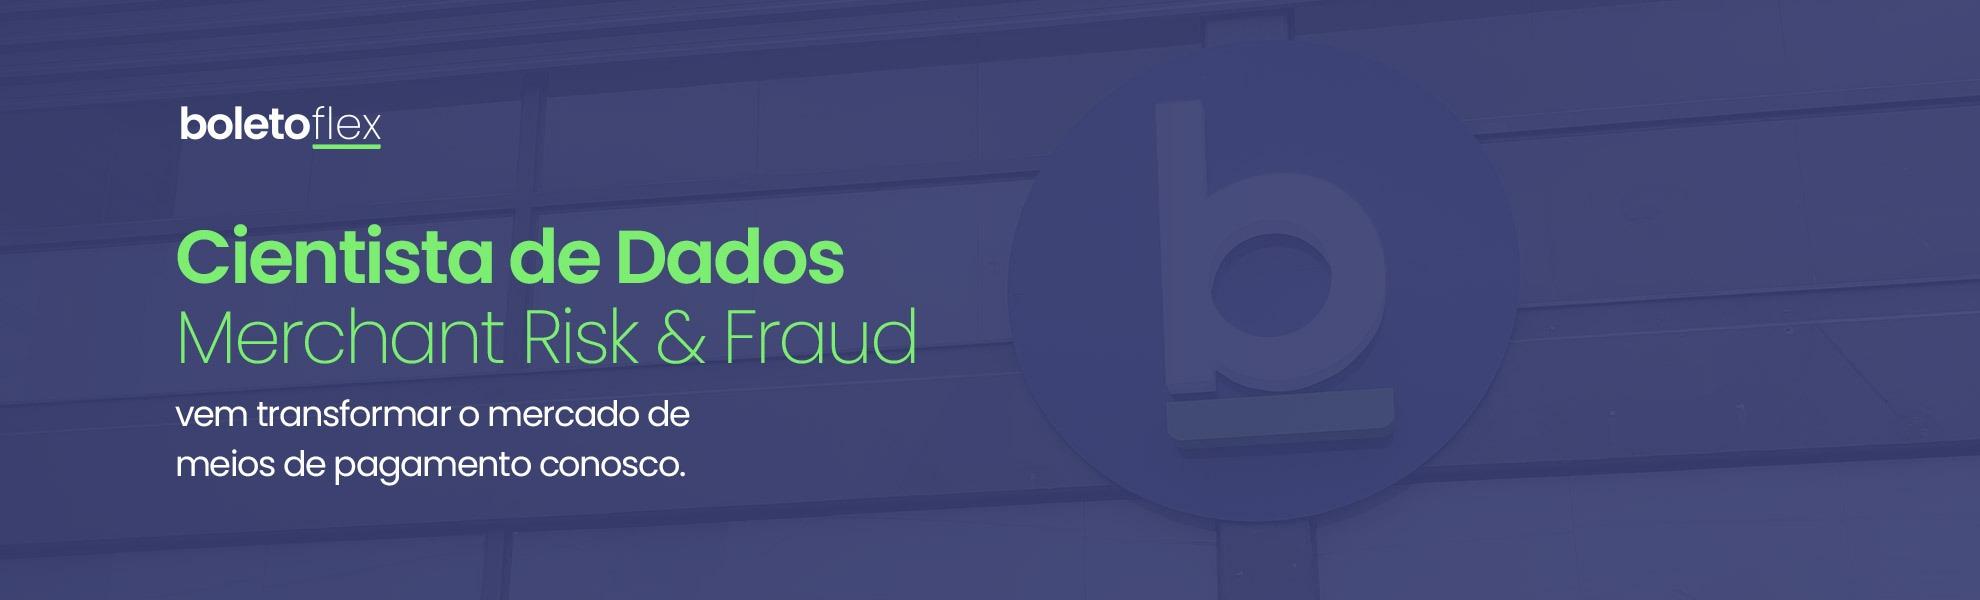 Cientista de Dados -  Merchant Risk & Fraud